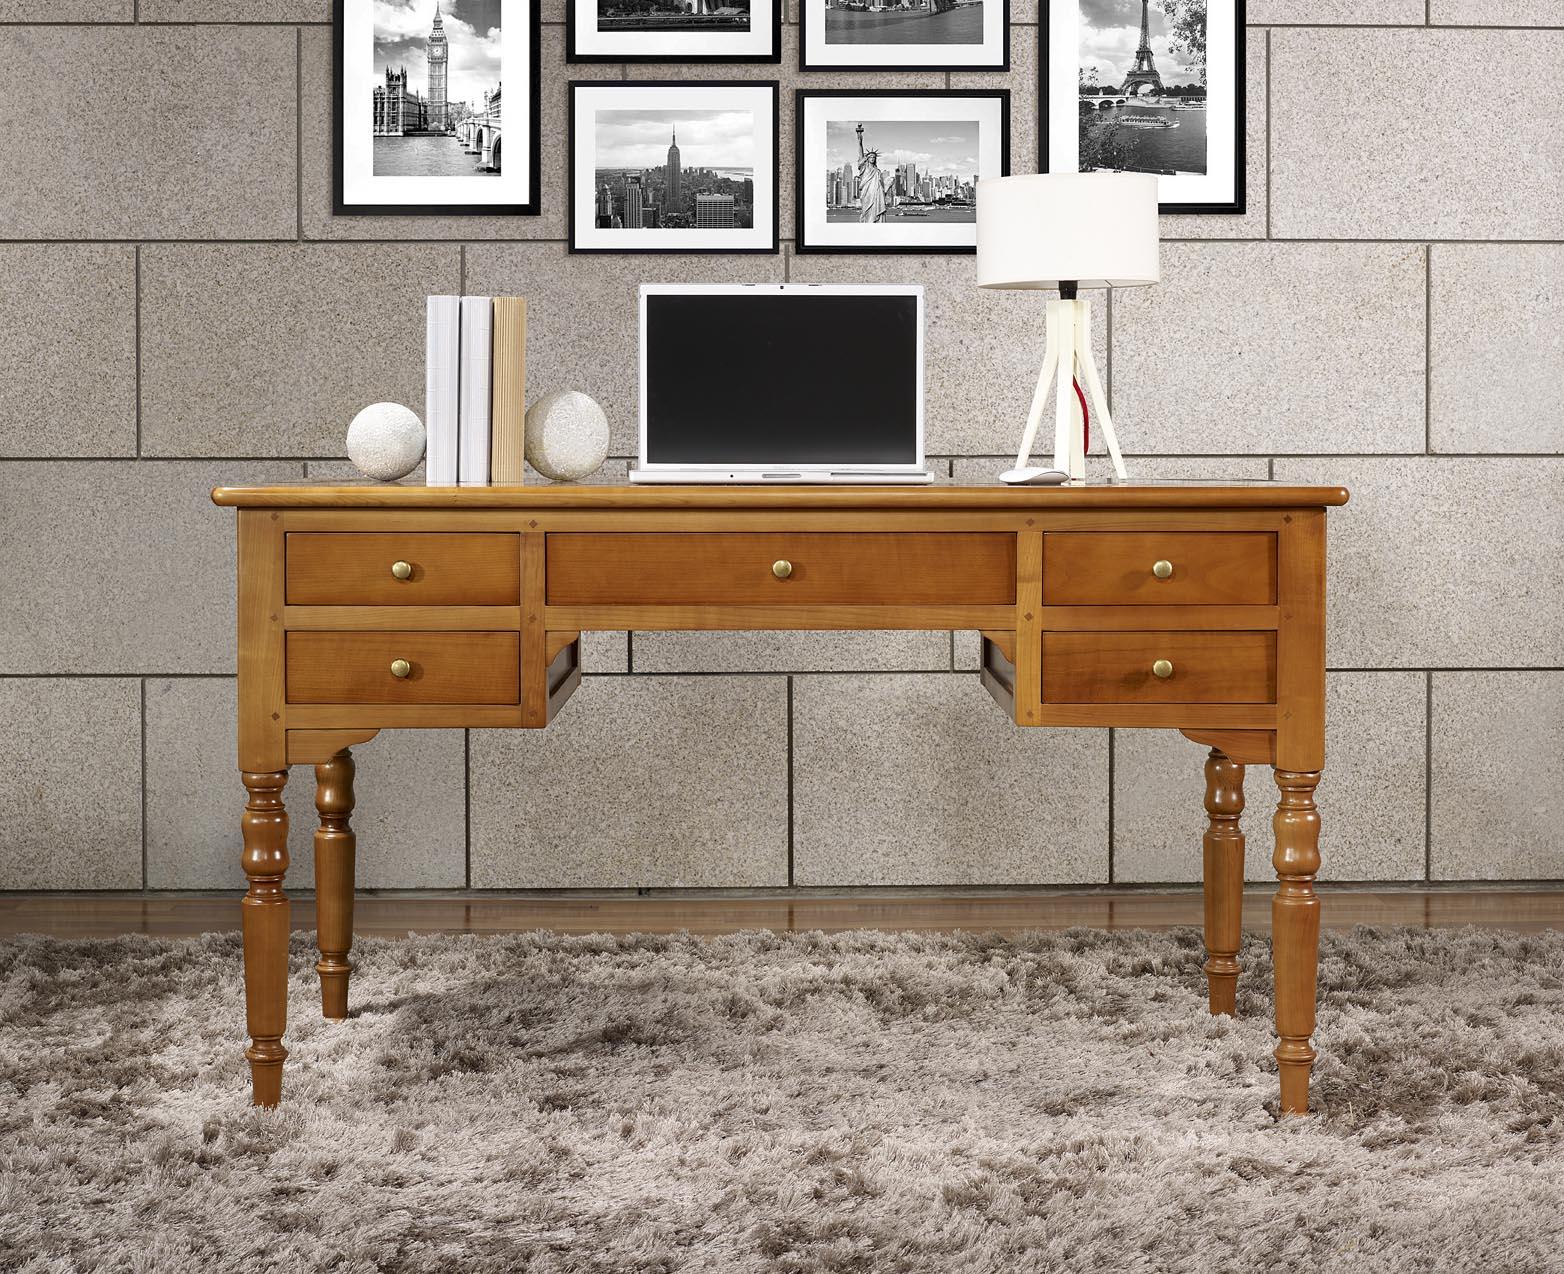 Bureau Ministre 5 tiroirs en Merisier Massif de style Louis Philippe , meuble -> Bureaux Style Ministre